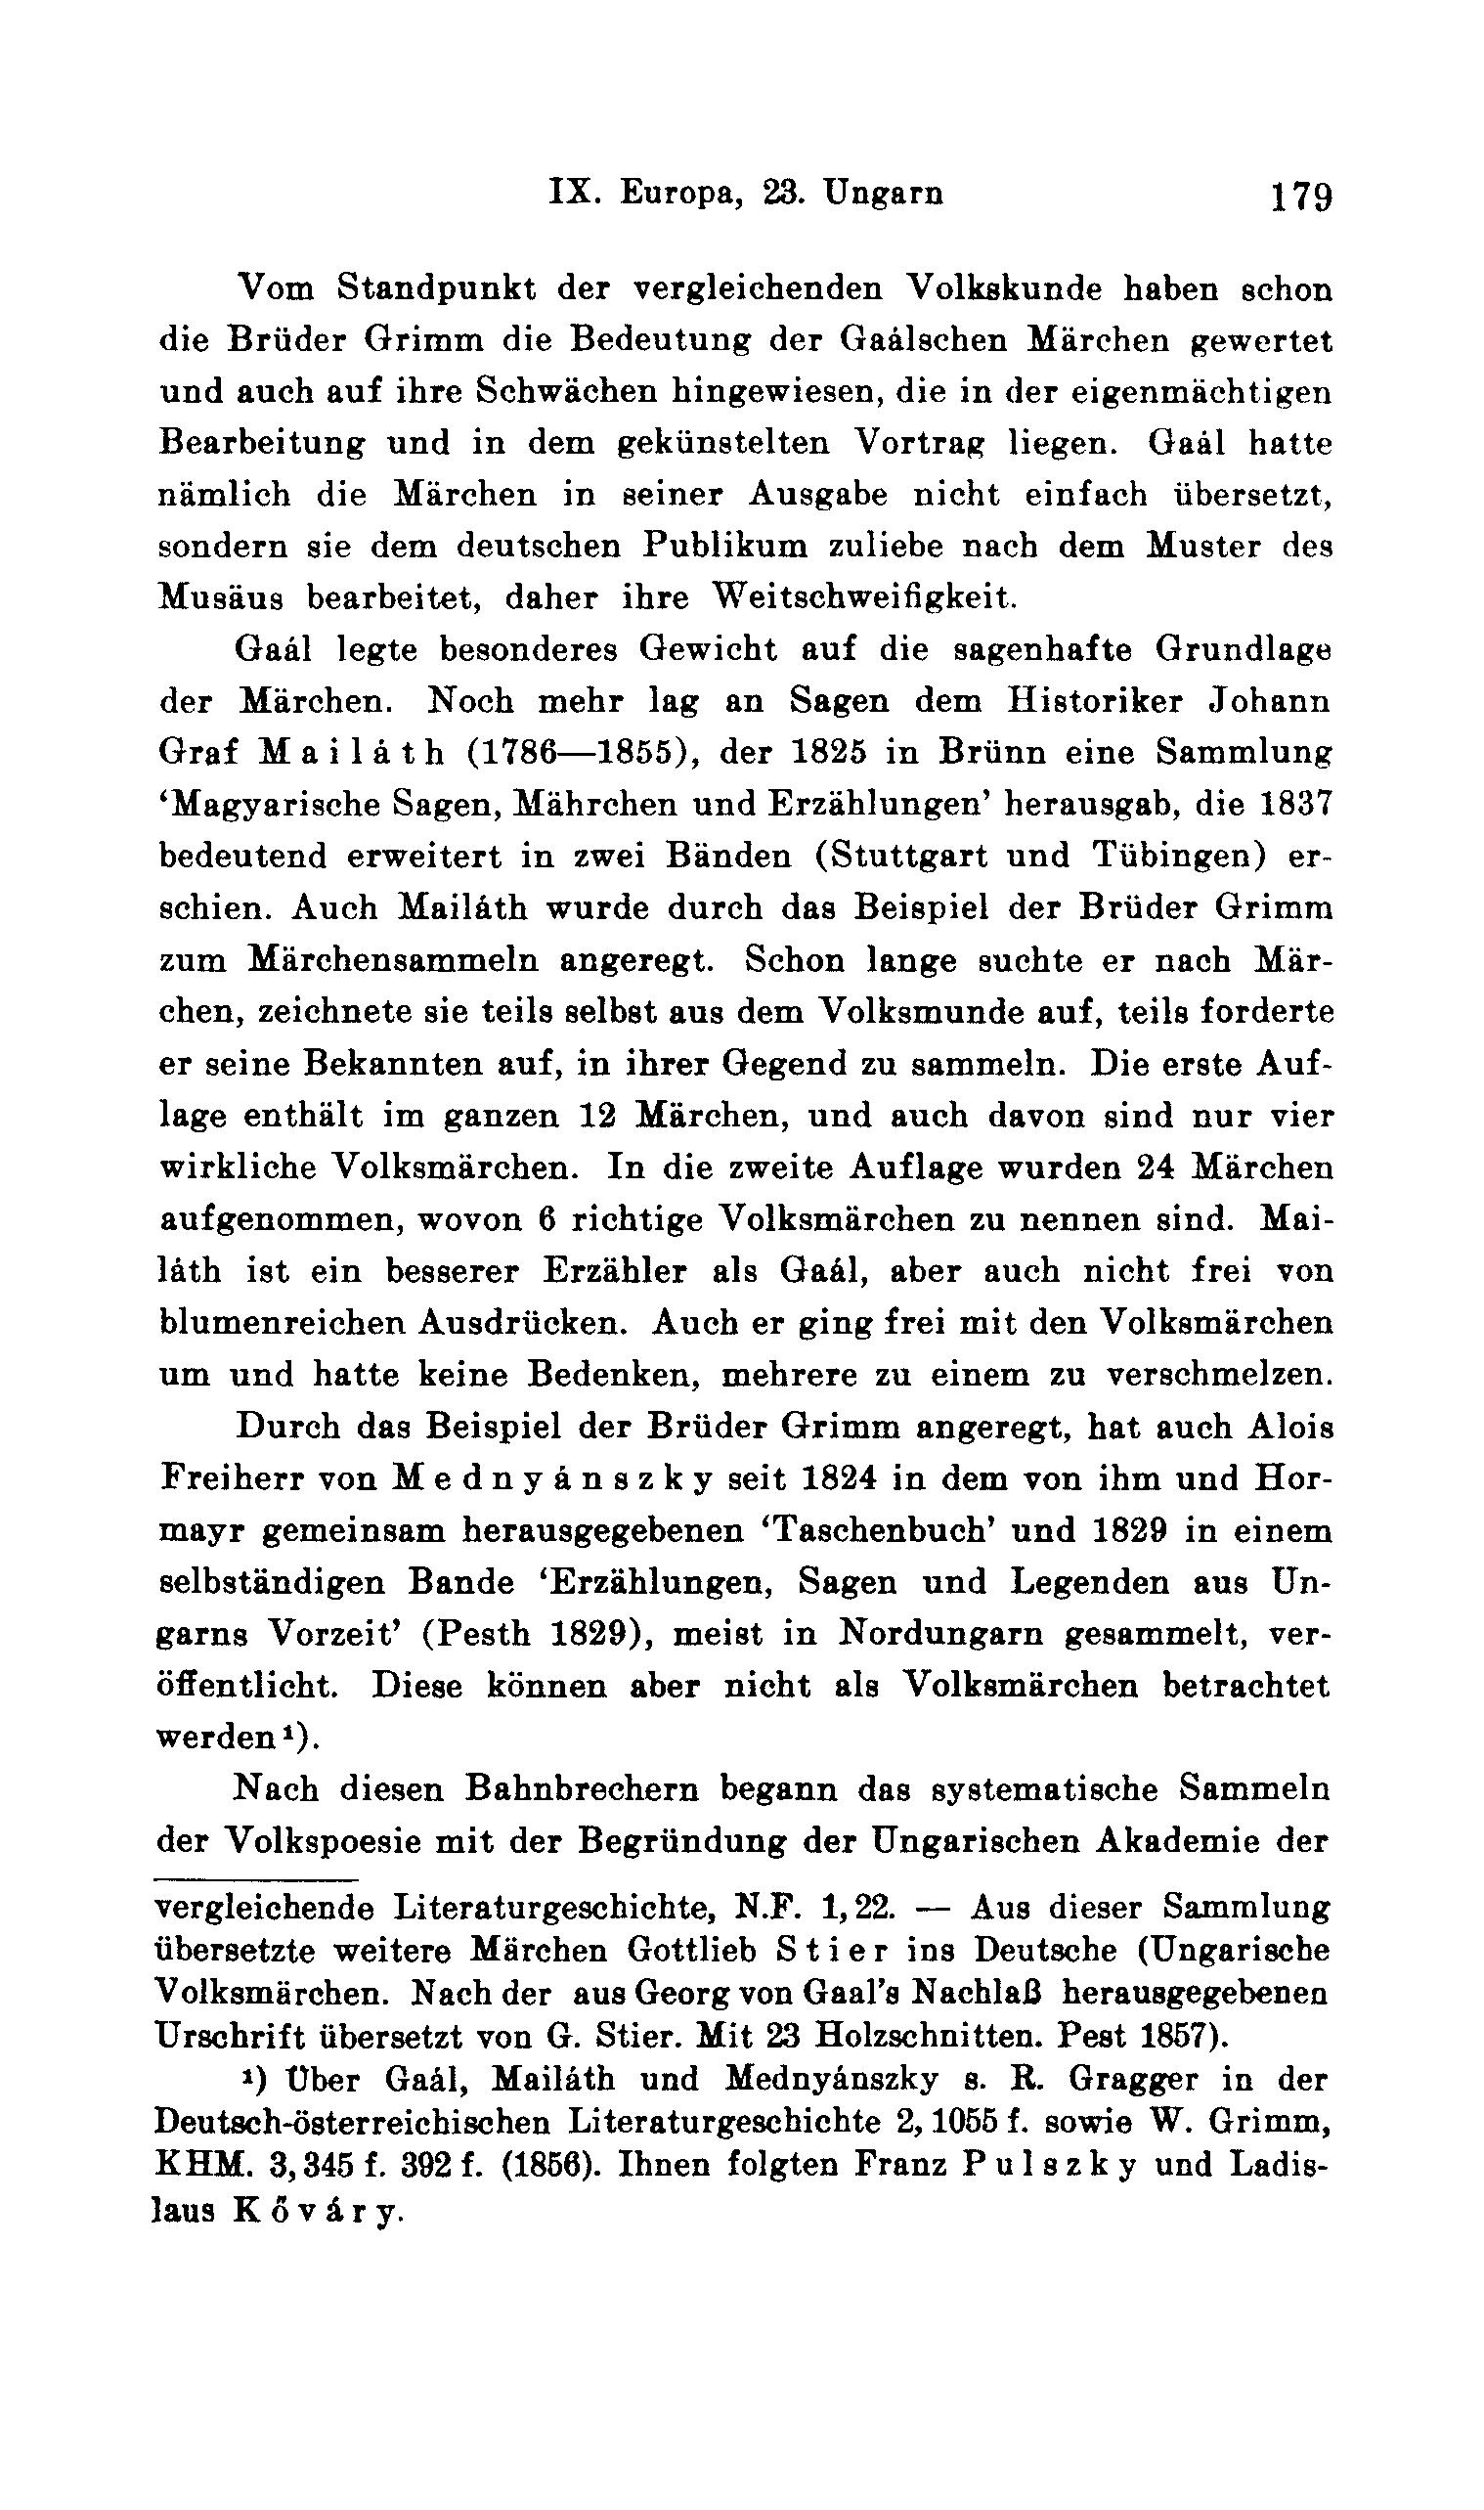 File:Grimms Märchen Anmerkungen (Bolte Polivka) V 179.jpg ...